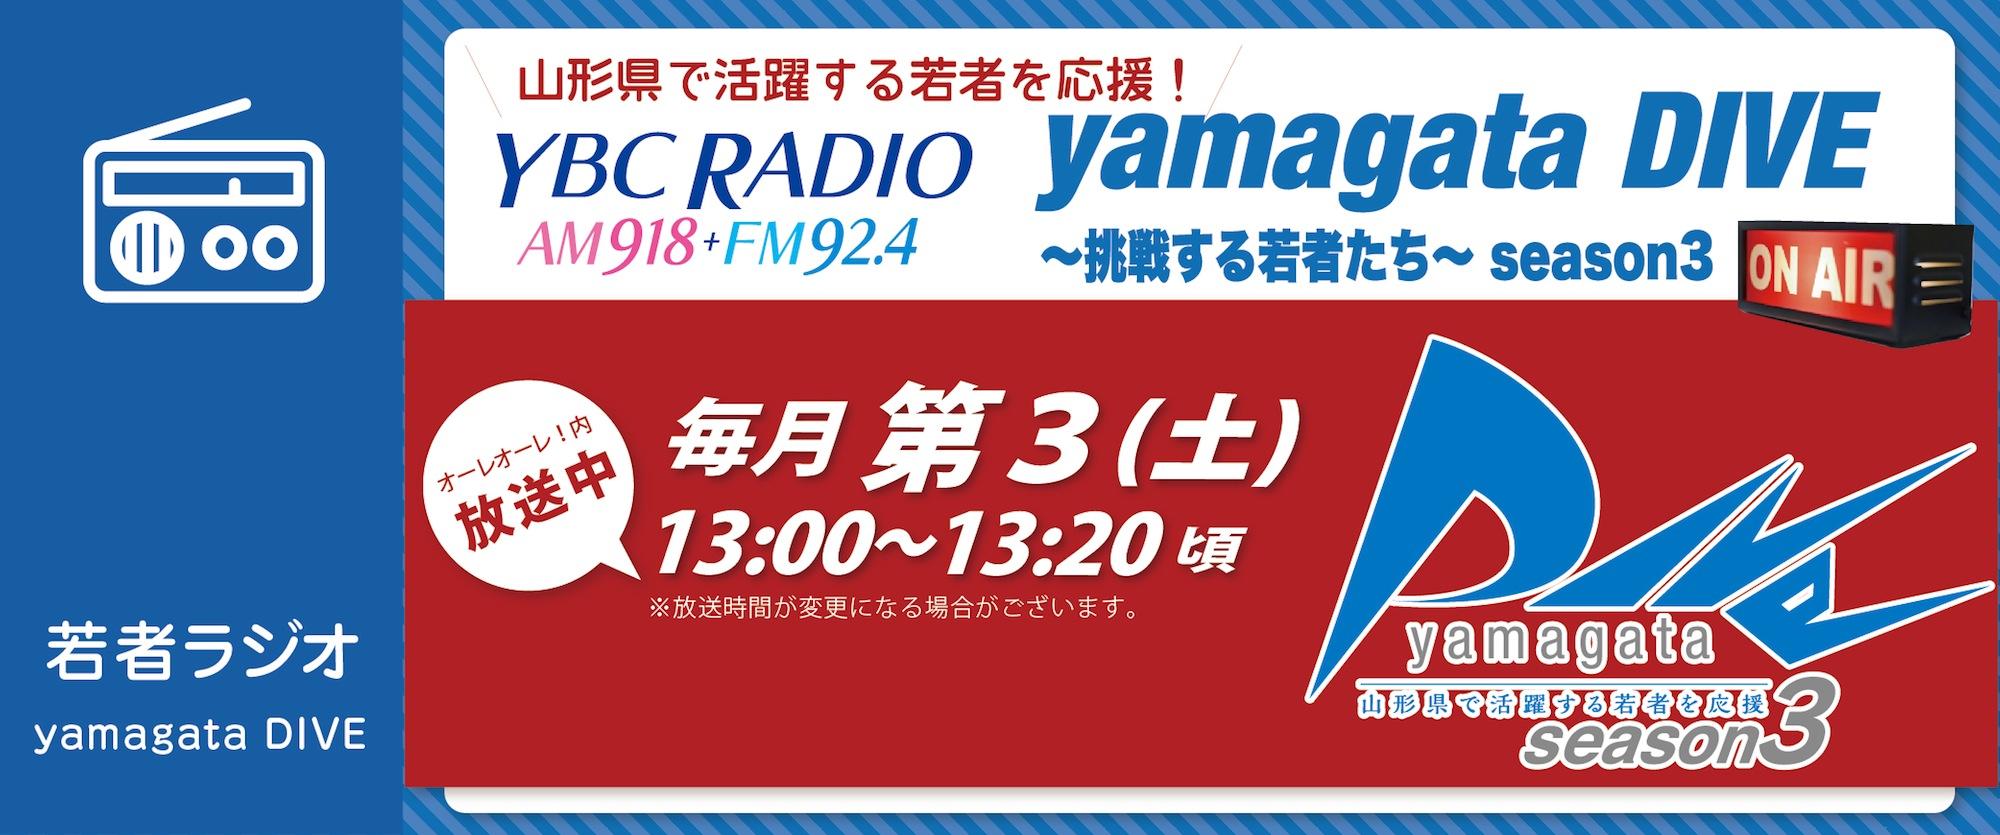 若者ラジオ yamagata DIVE